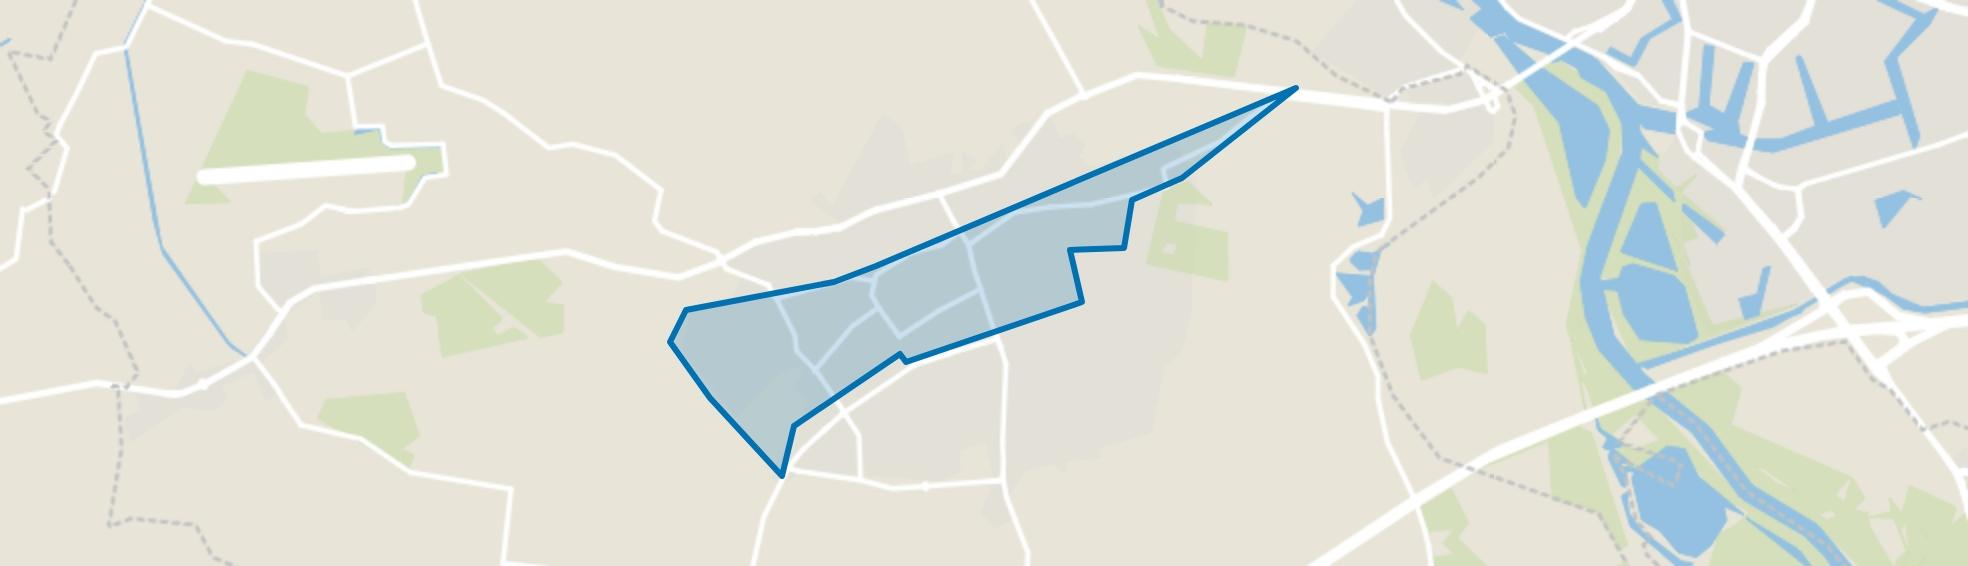 Twello-Midden, Twello map